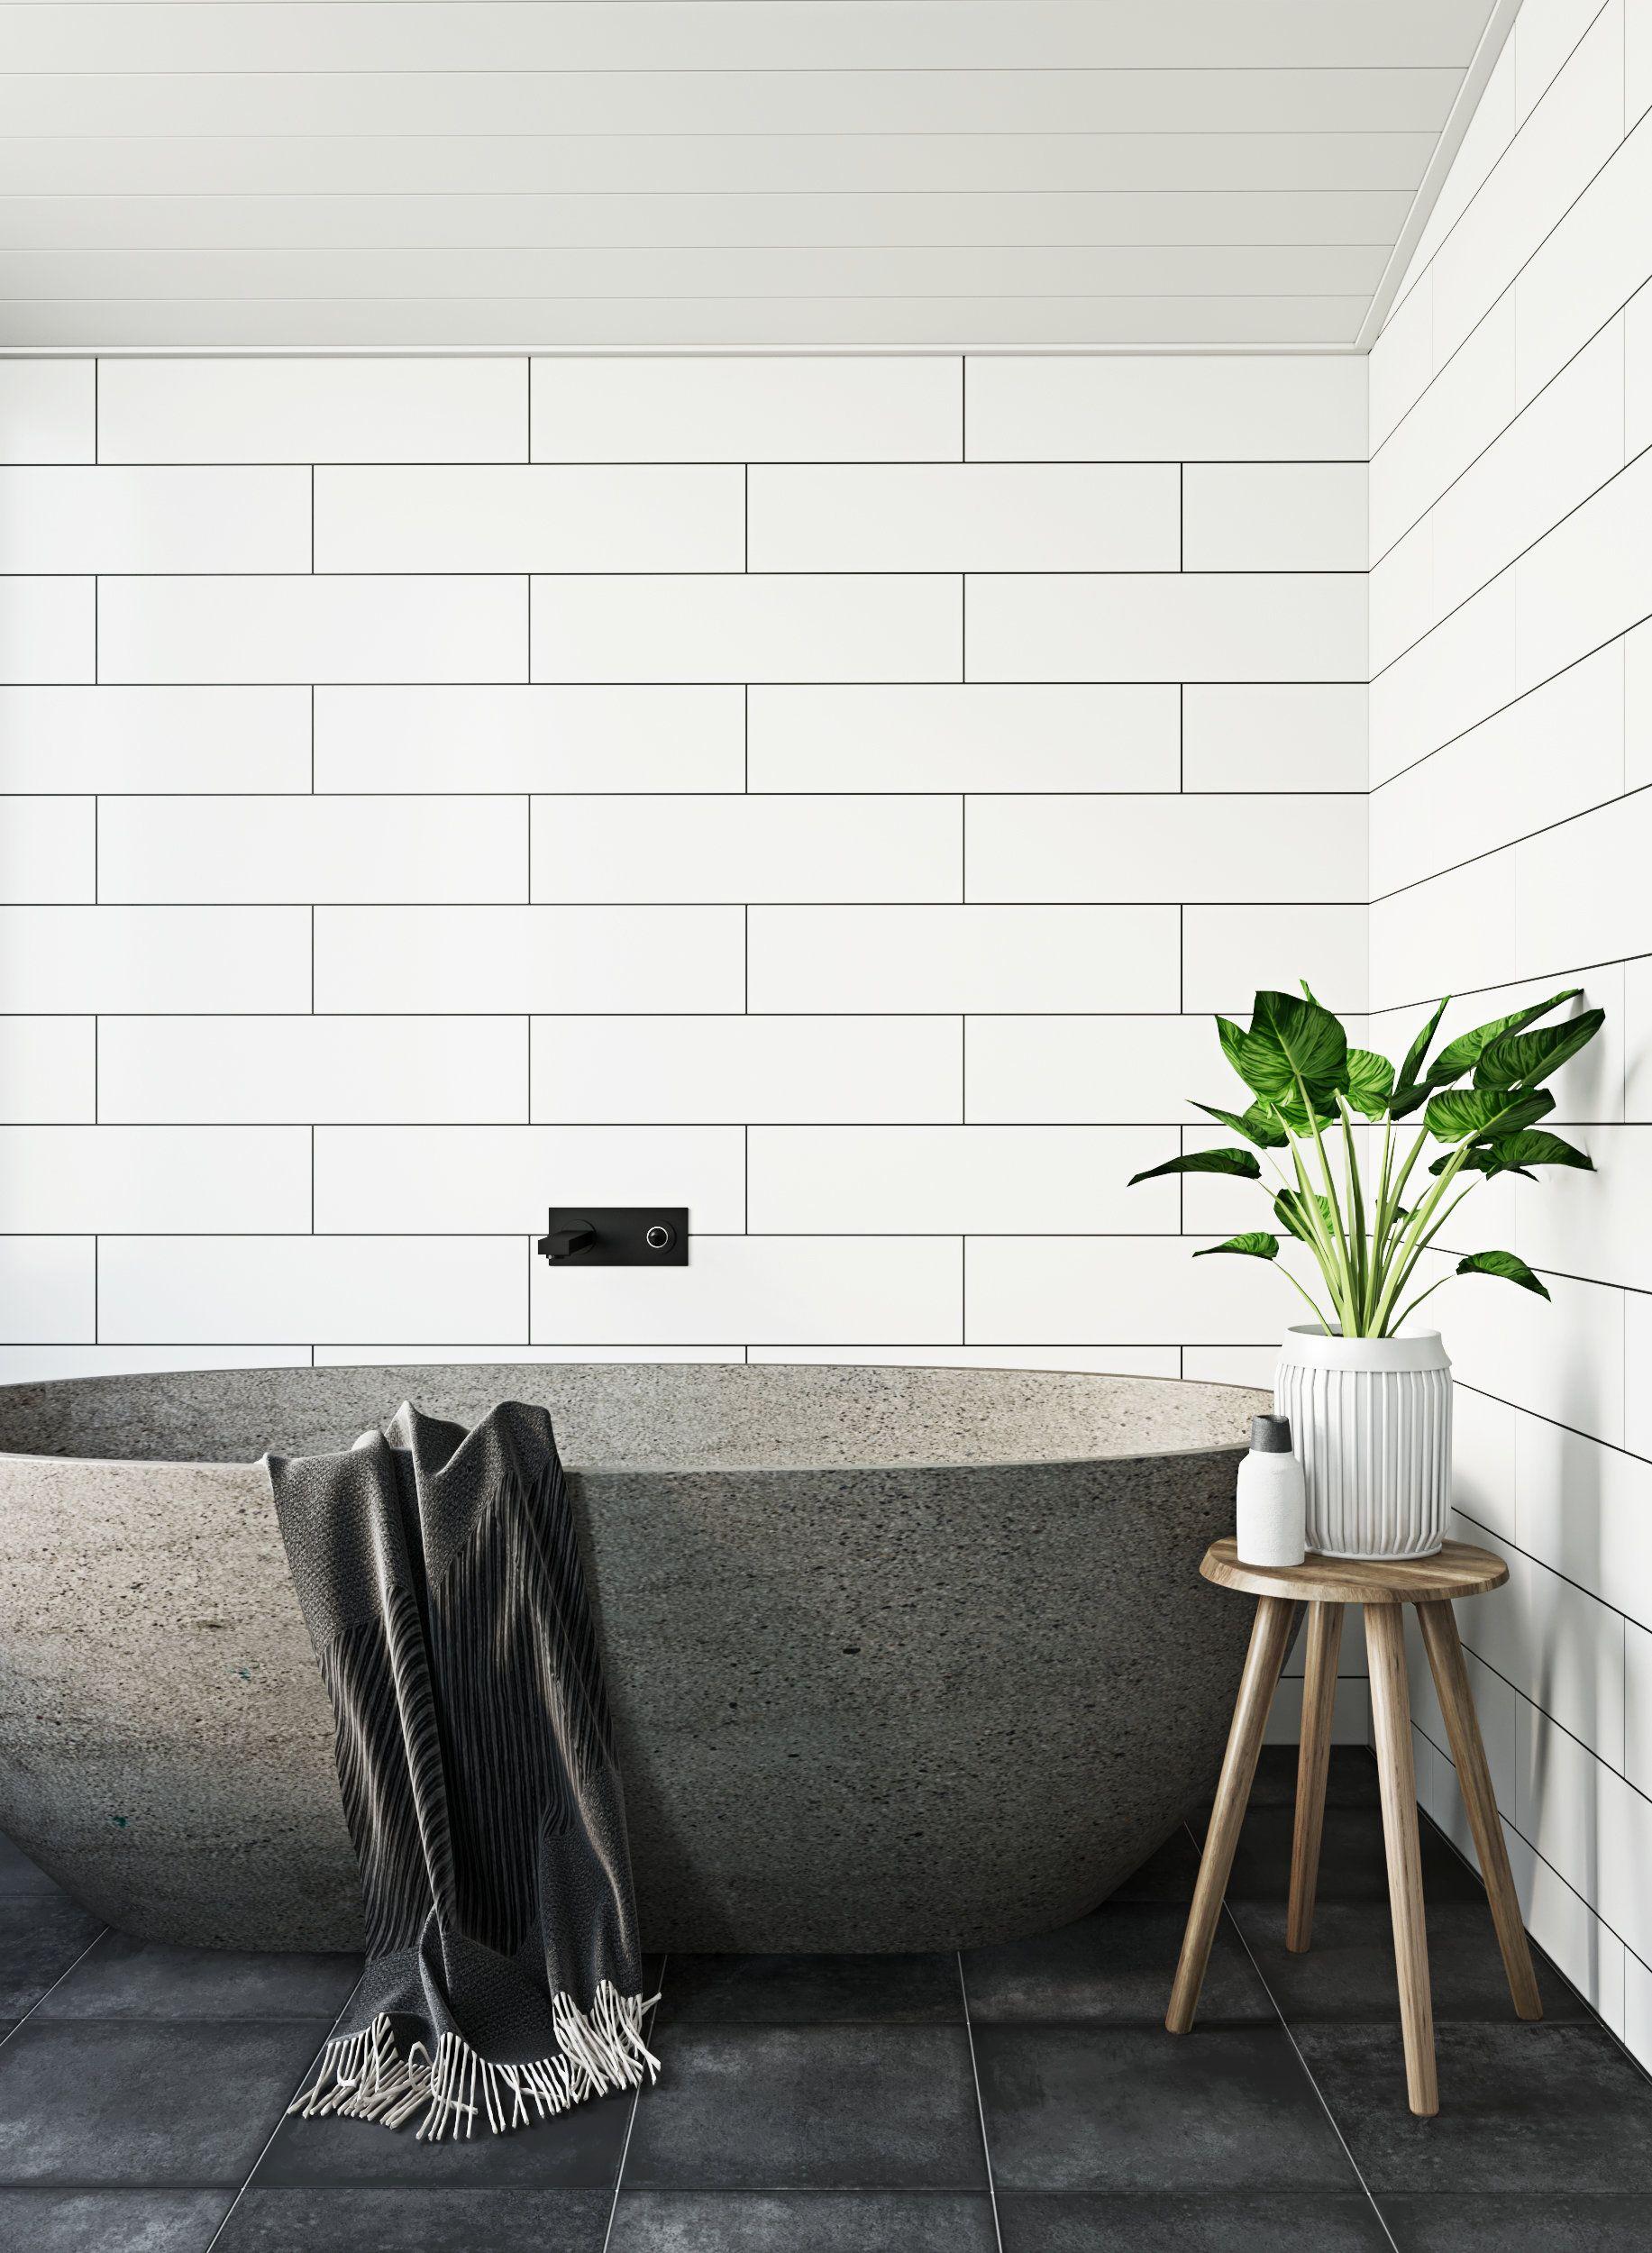 La salle de bain zen japandi : inspiration style Contemporain en ...